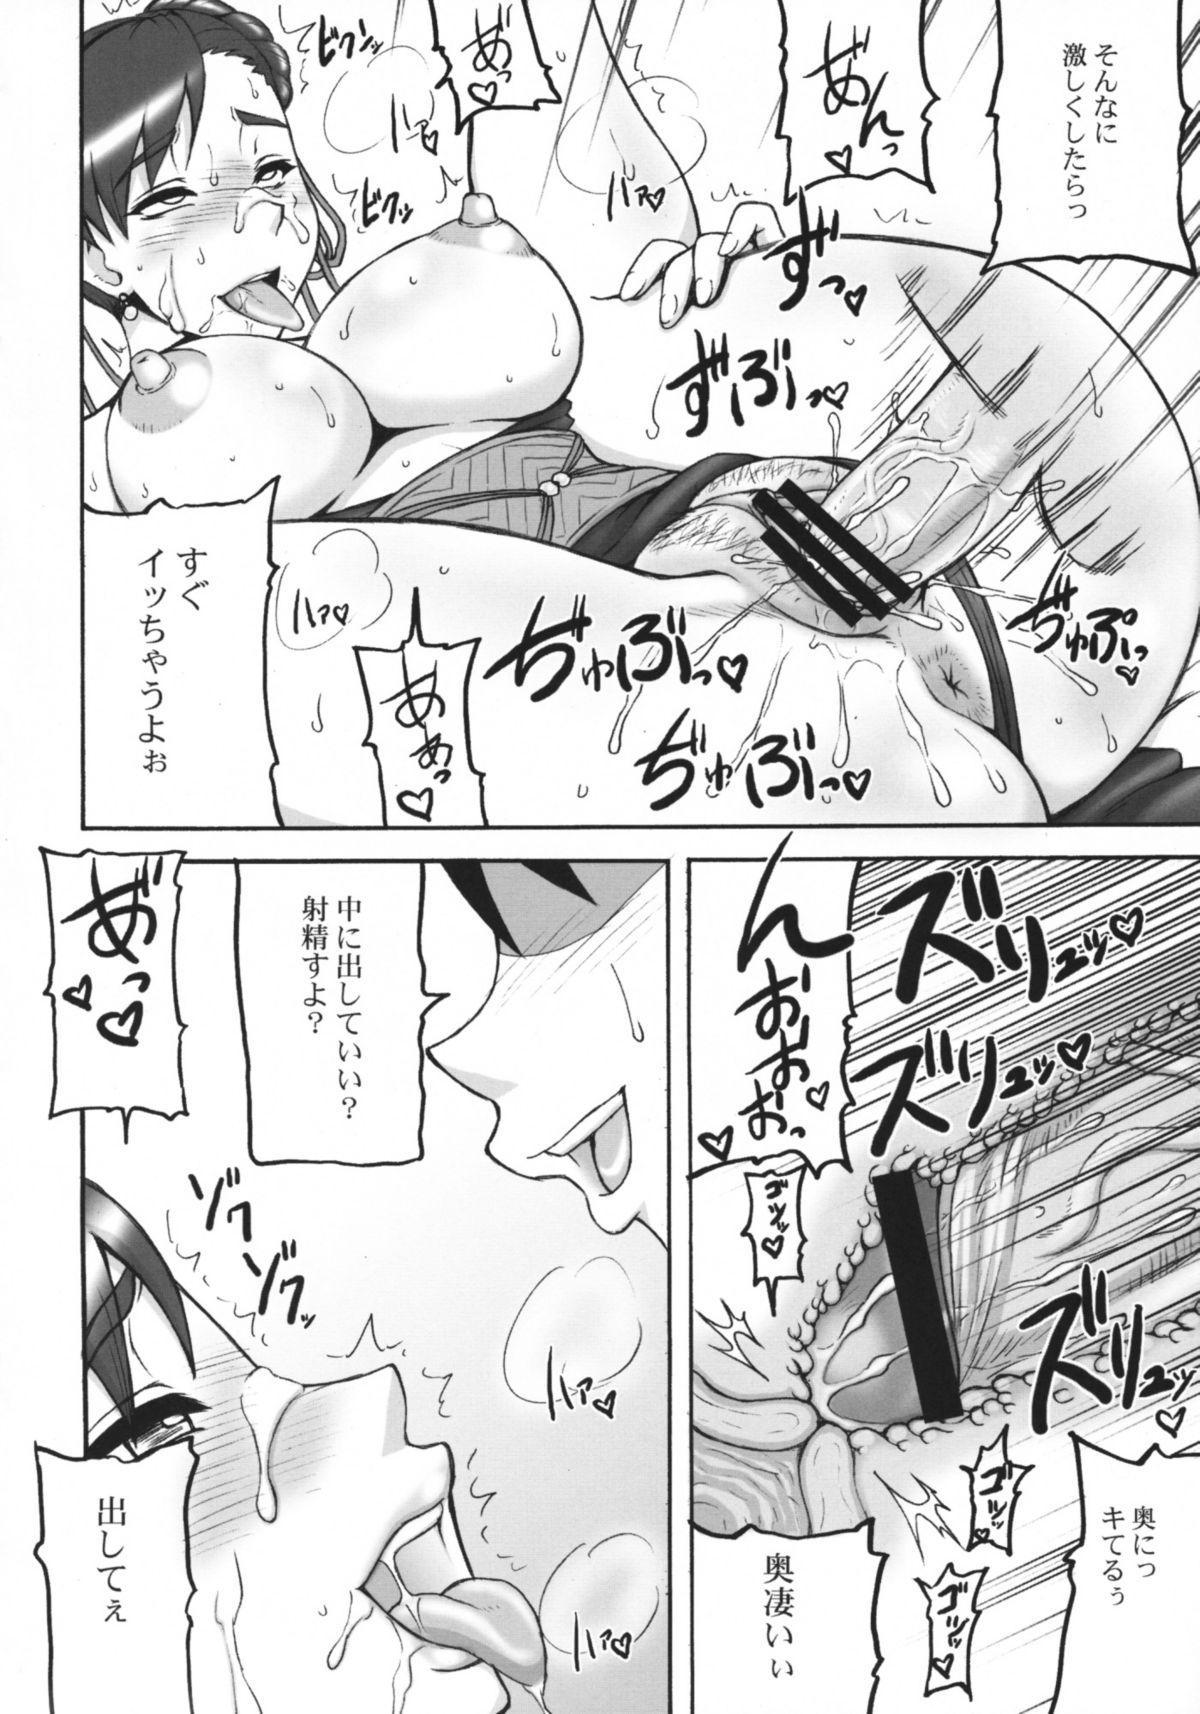 Kaku Musume 11 13